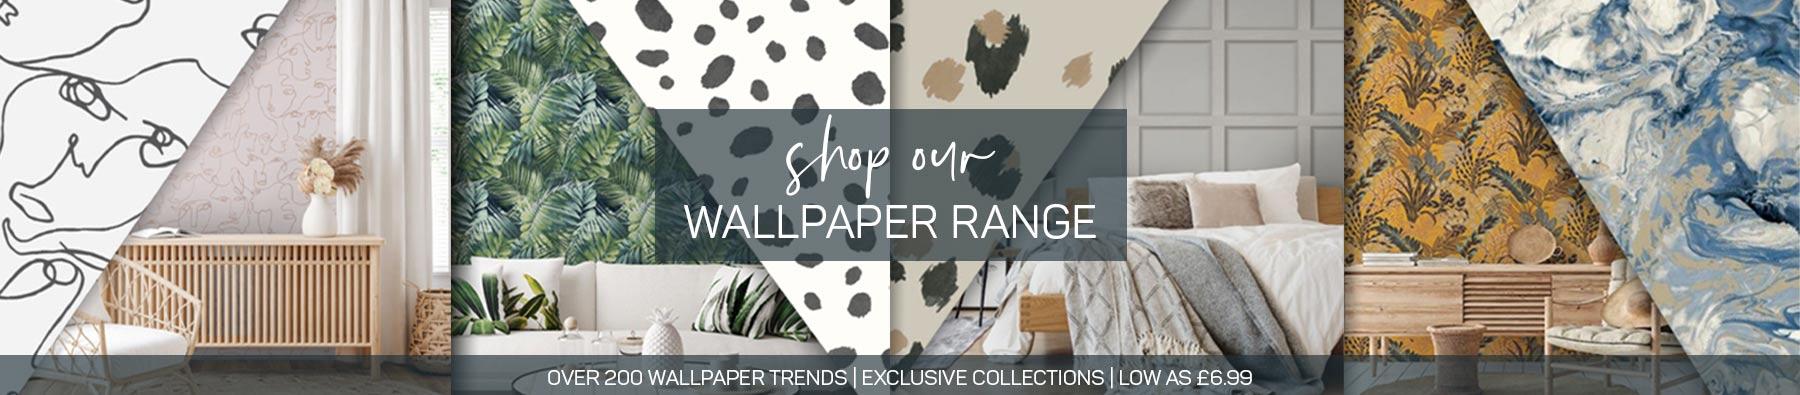 Shop Wallpaper Samples